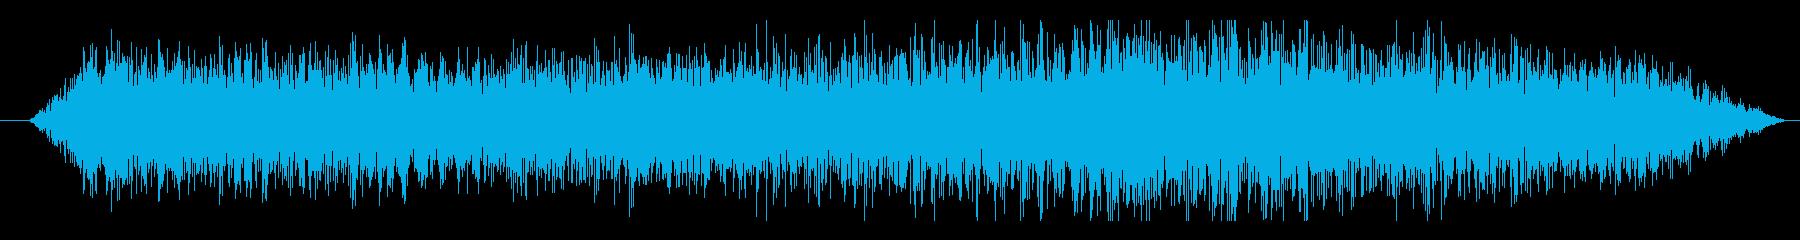 FI スペース ローターロケットド...の再生済みの波形